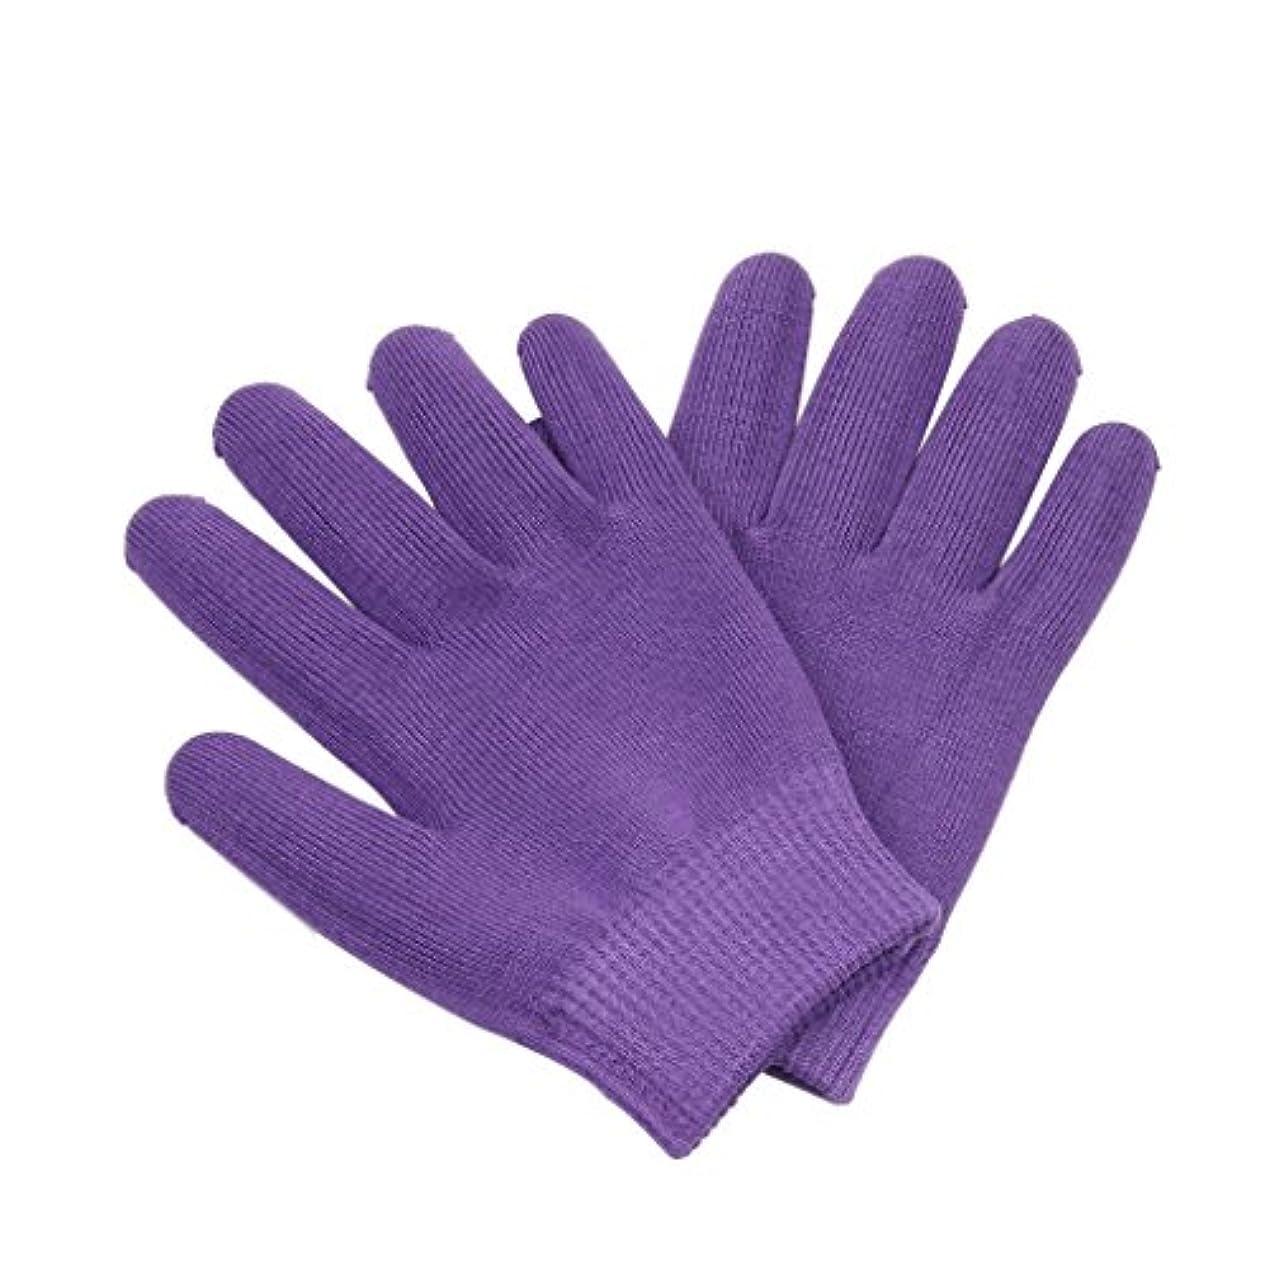 事業内容古いパーツ保湿手袋 おやすみ手袋 就寝用 手袋 手湿疹 肌荒れ 乾燥防止 乾燥肌 手荒れ 保湿 スキンケア 全3色選べ - 紫